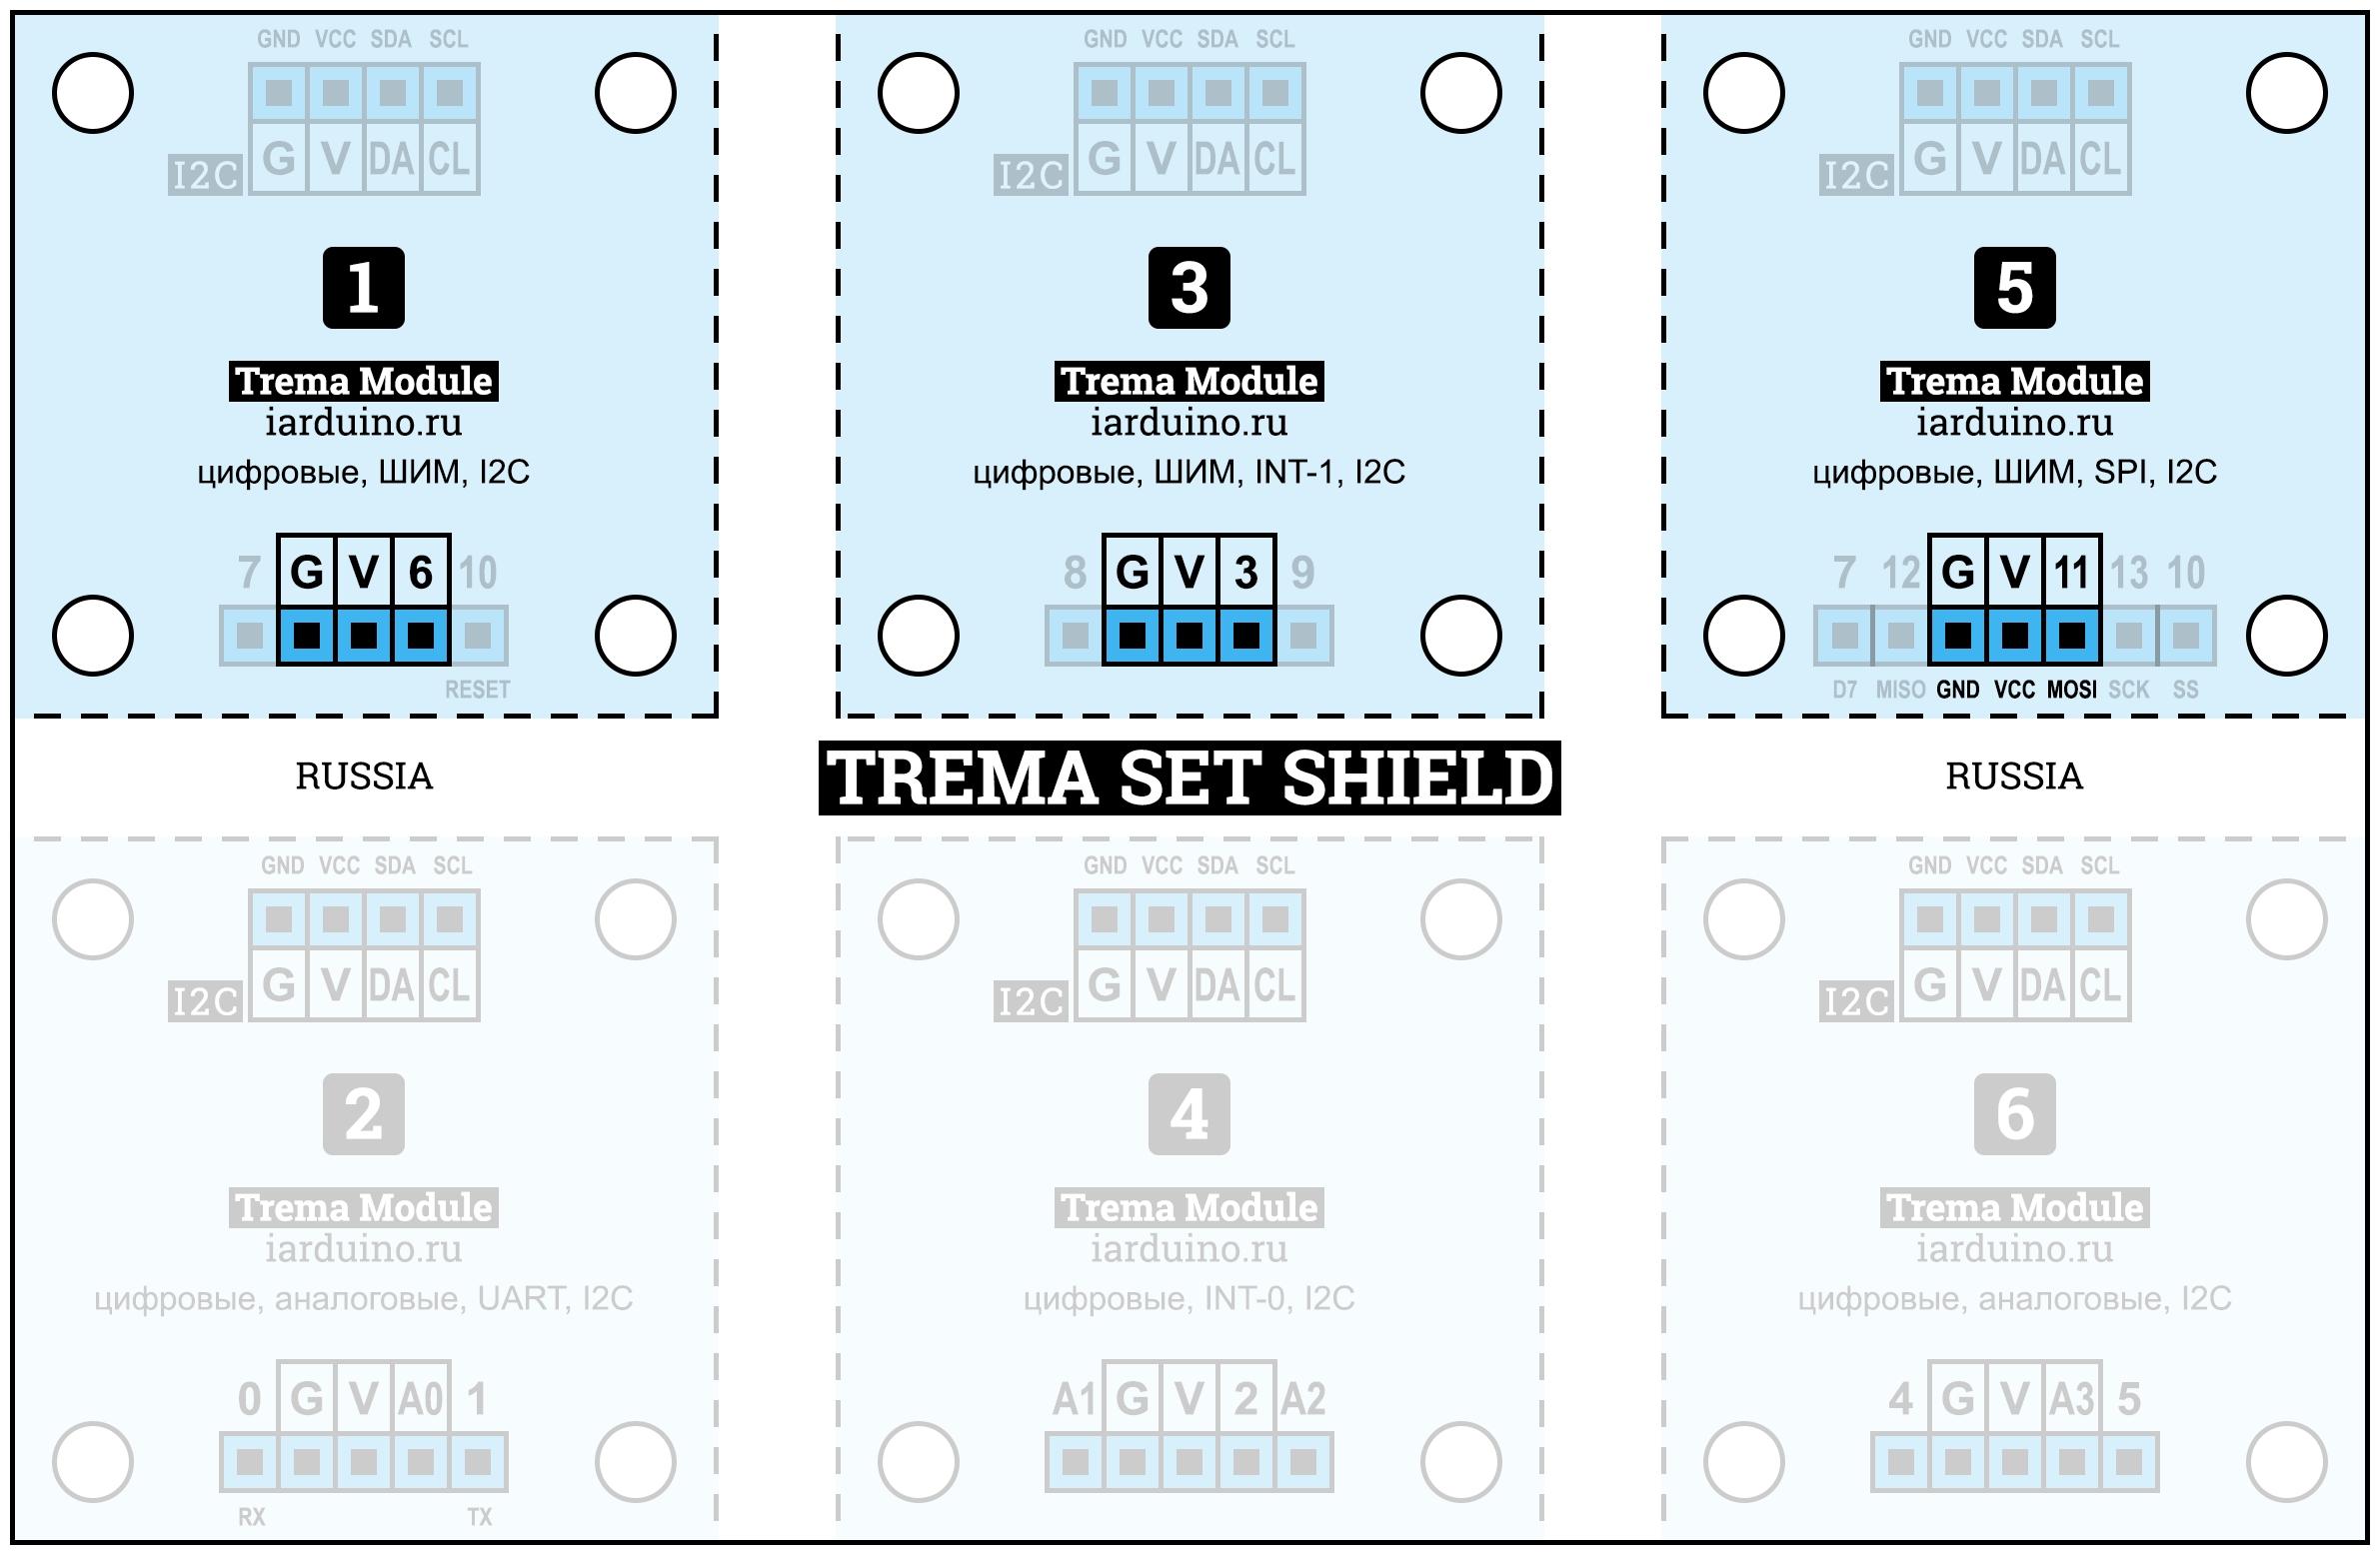 Схема подключения модулей с 3 выводами использующими ШИМ к Trema Set Shield